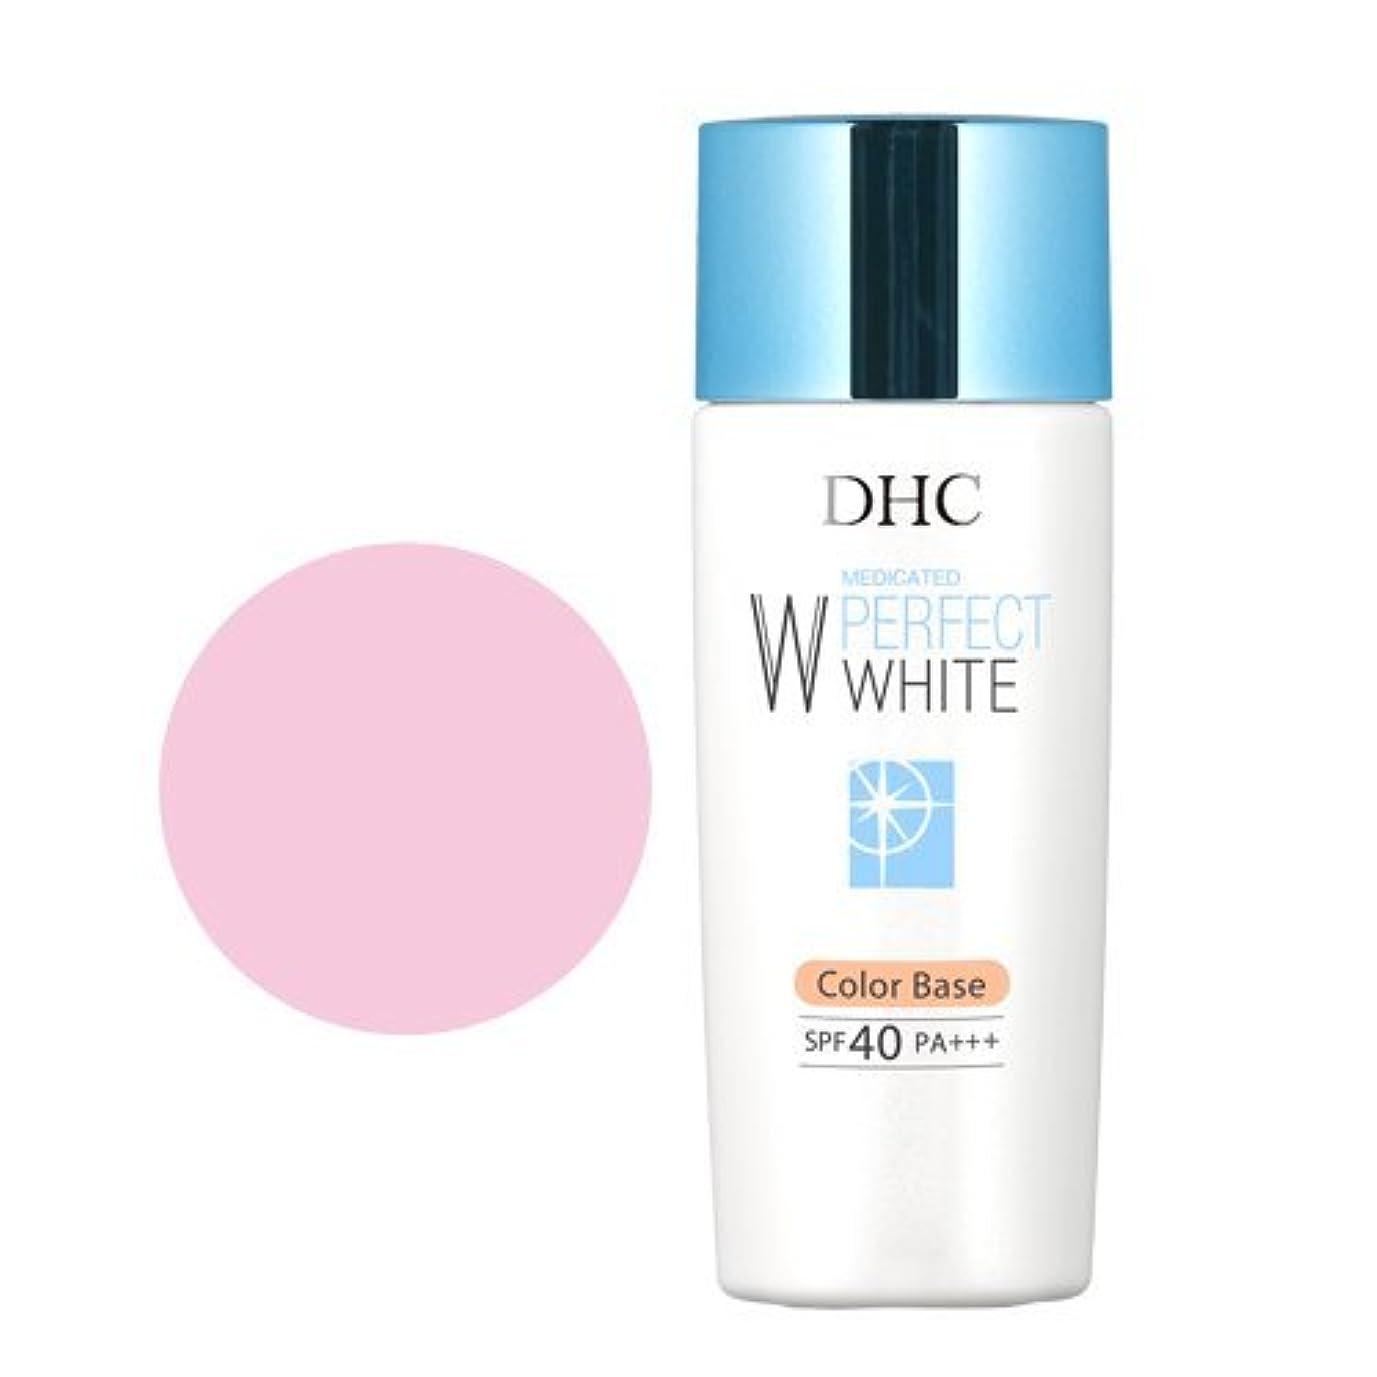 価格きゅうり対応【医薬部外品】DHC薬用PW カラーベース【SPF40?PA+++】(ピンク)